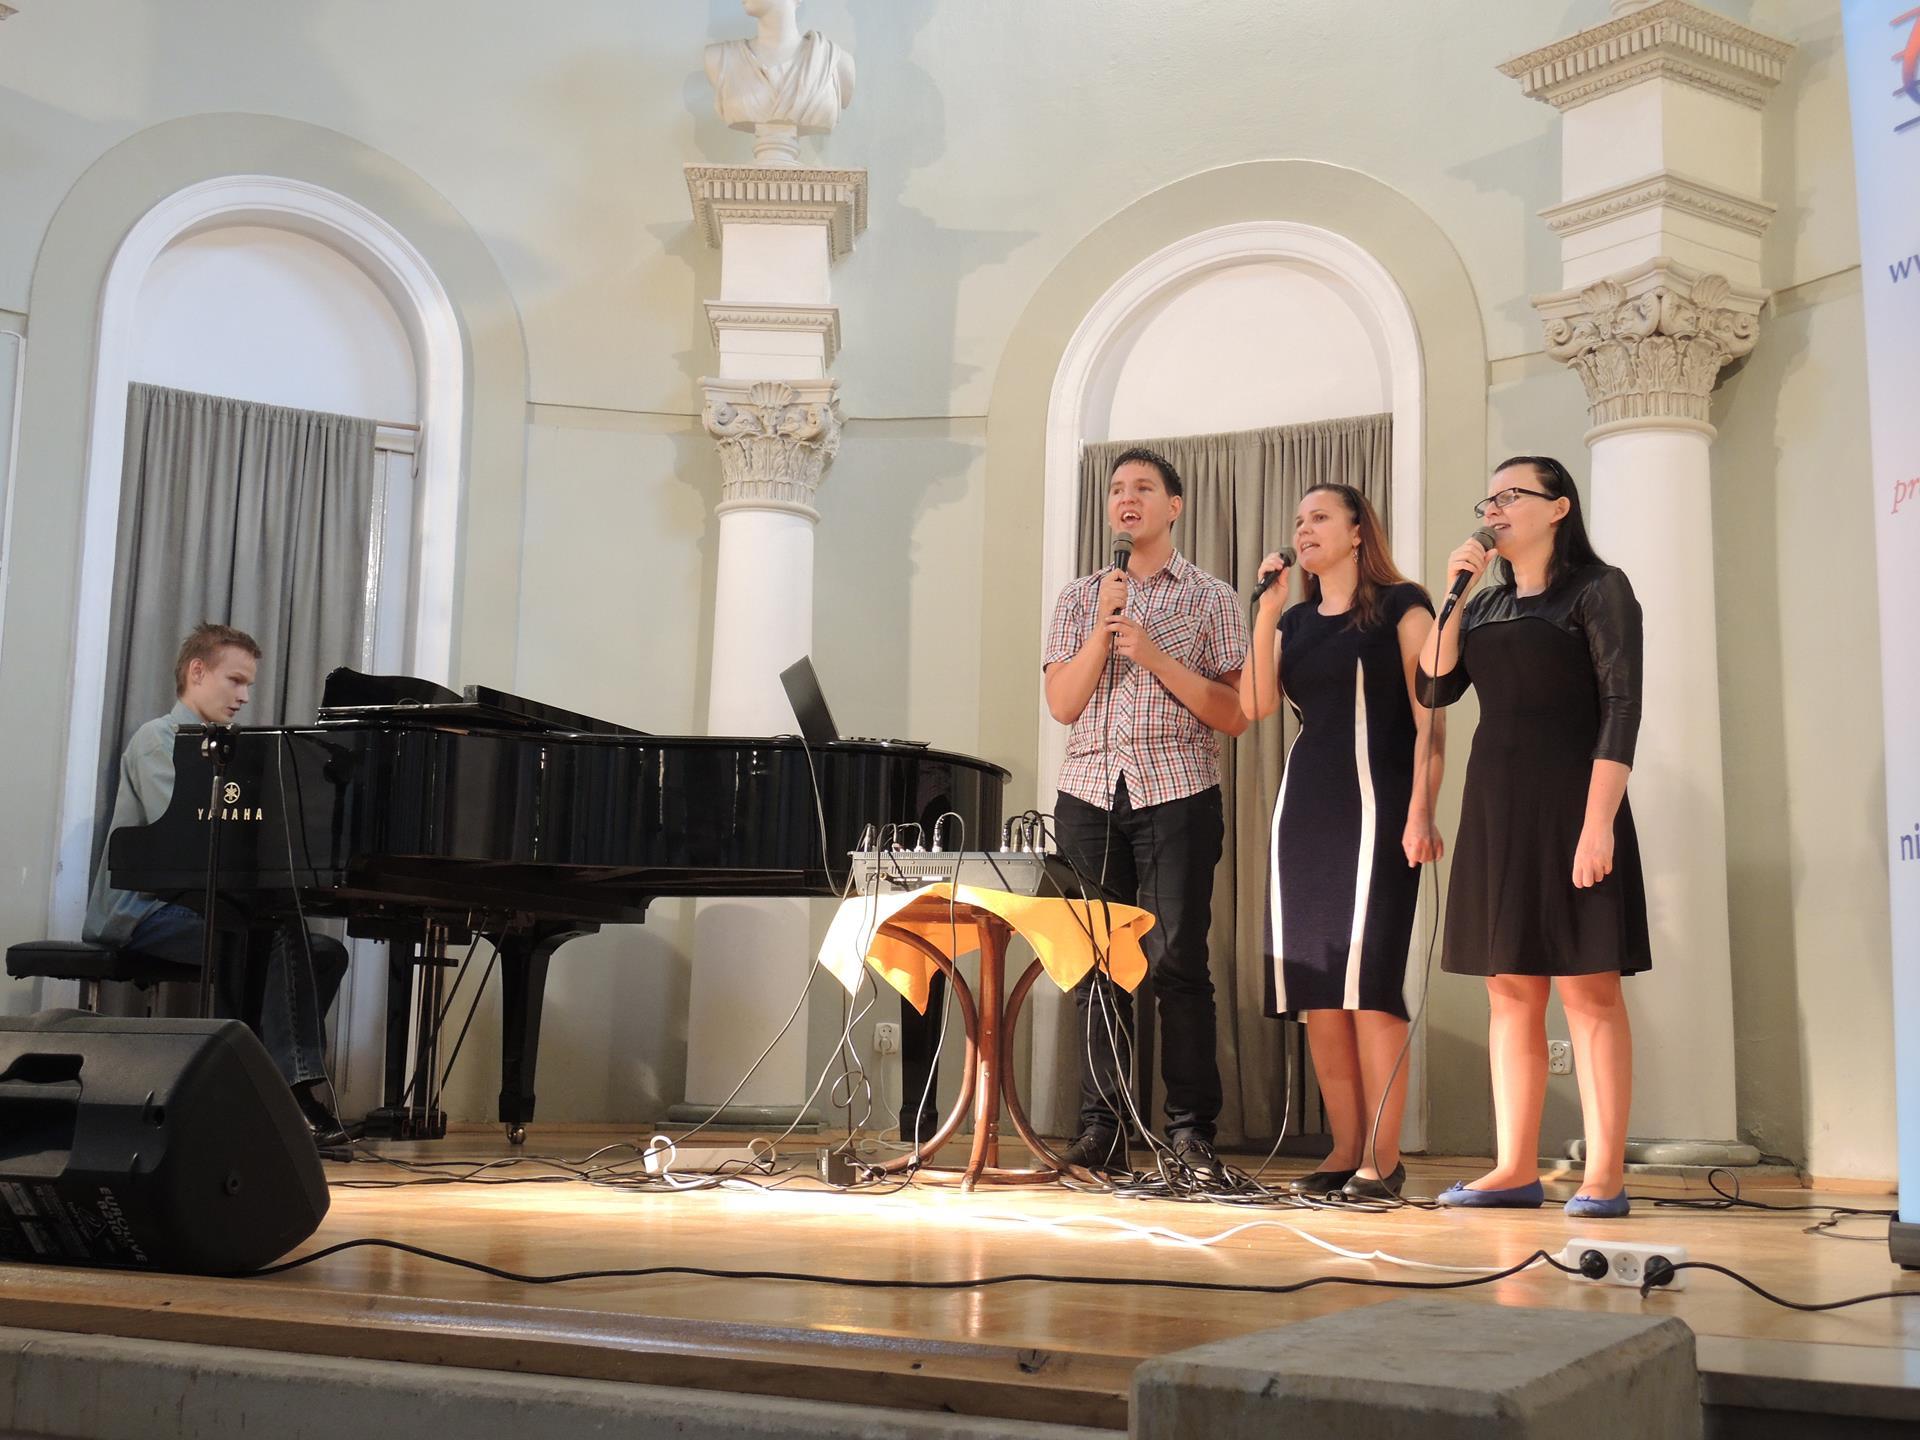 Mężczyzna gra na fotepianie. Obok stoją i śpiewają dwie kobiety i jeden mężczyzna.